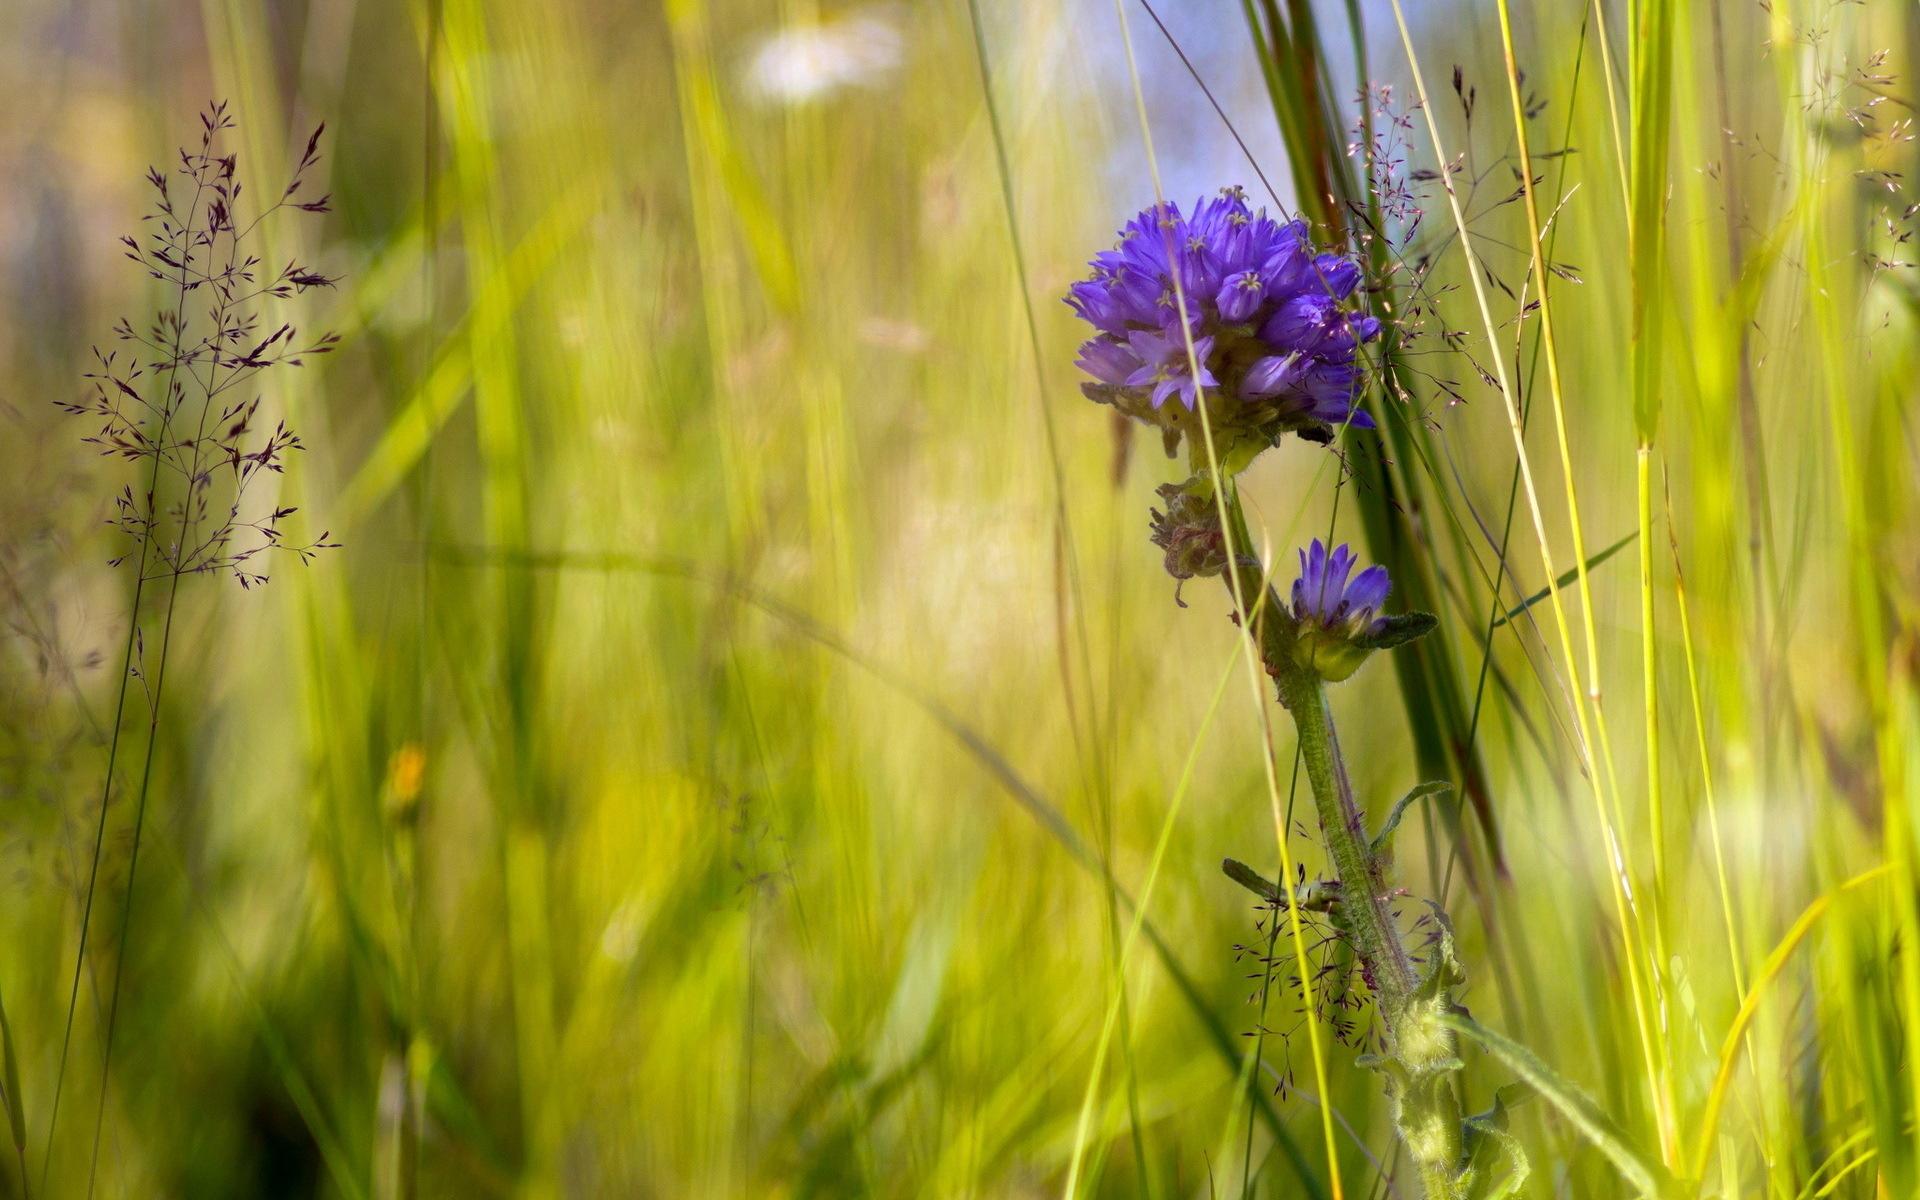 цветы, листья, трава